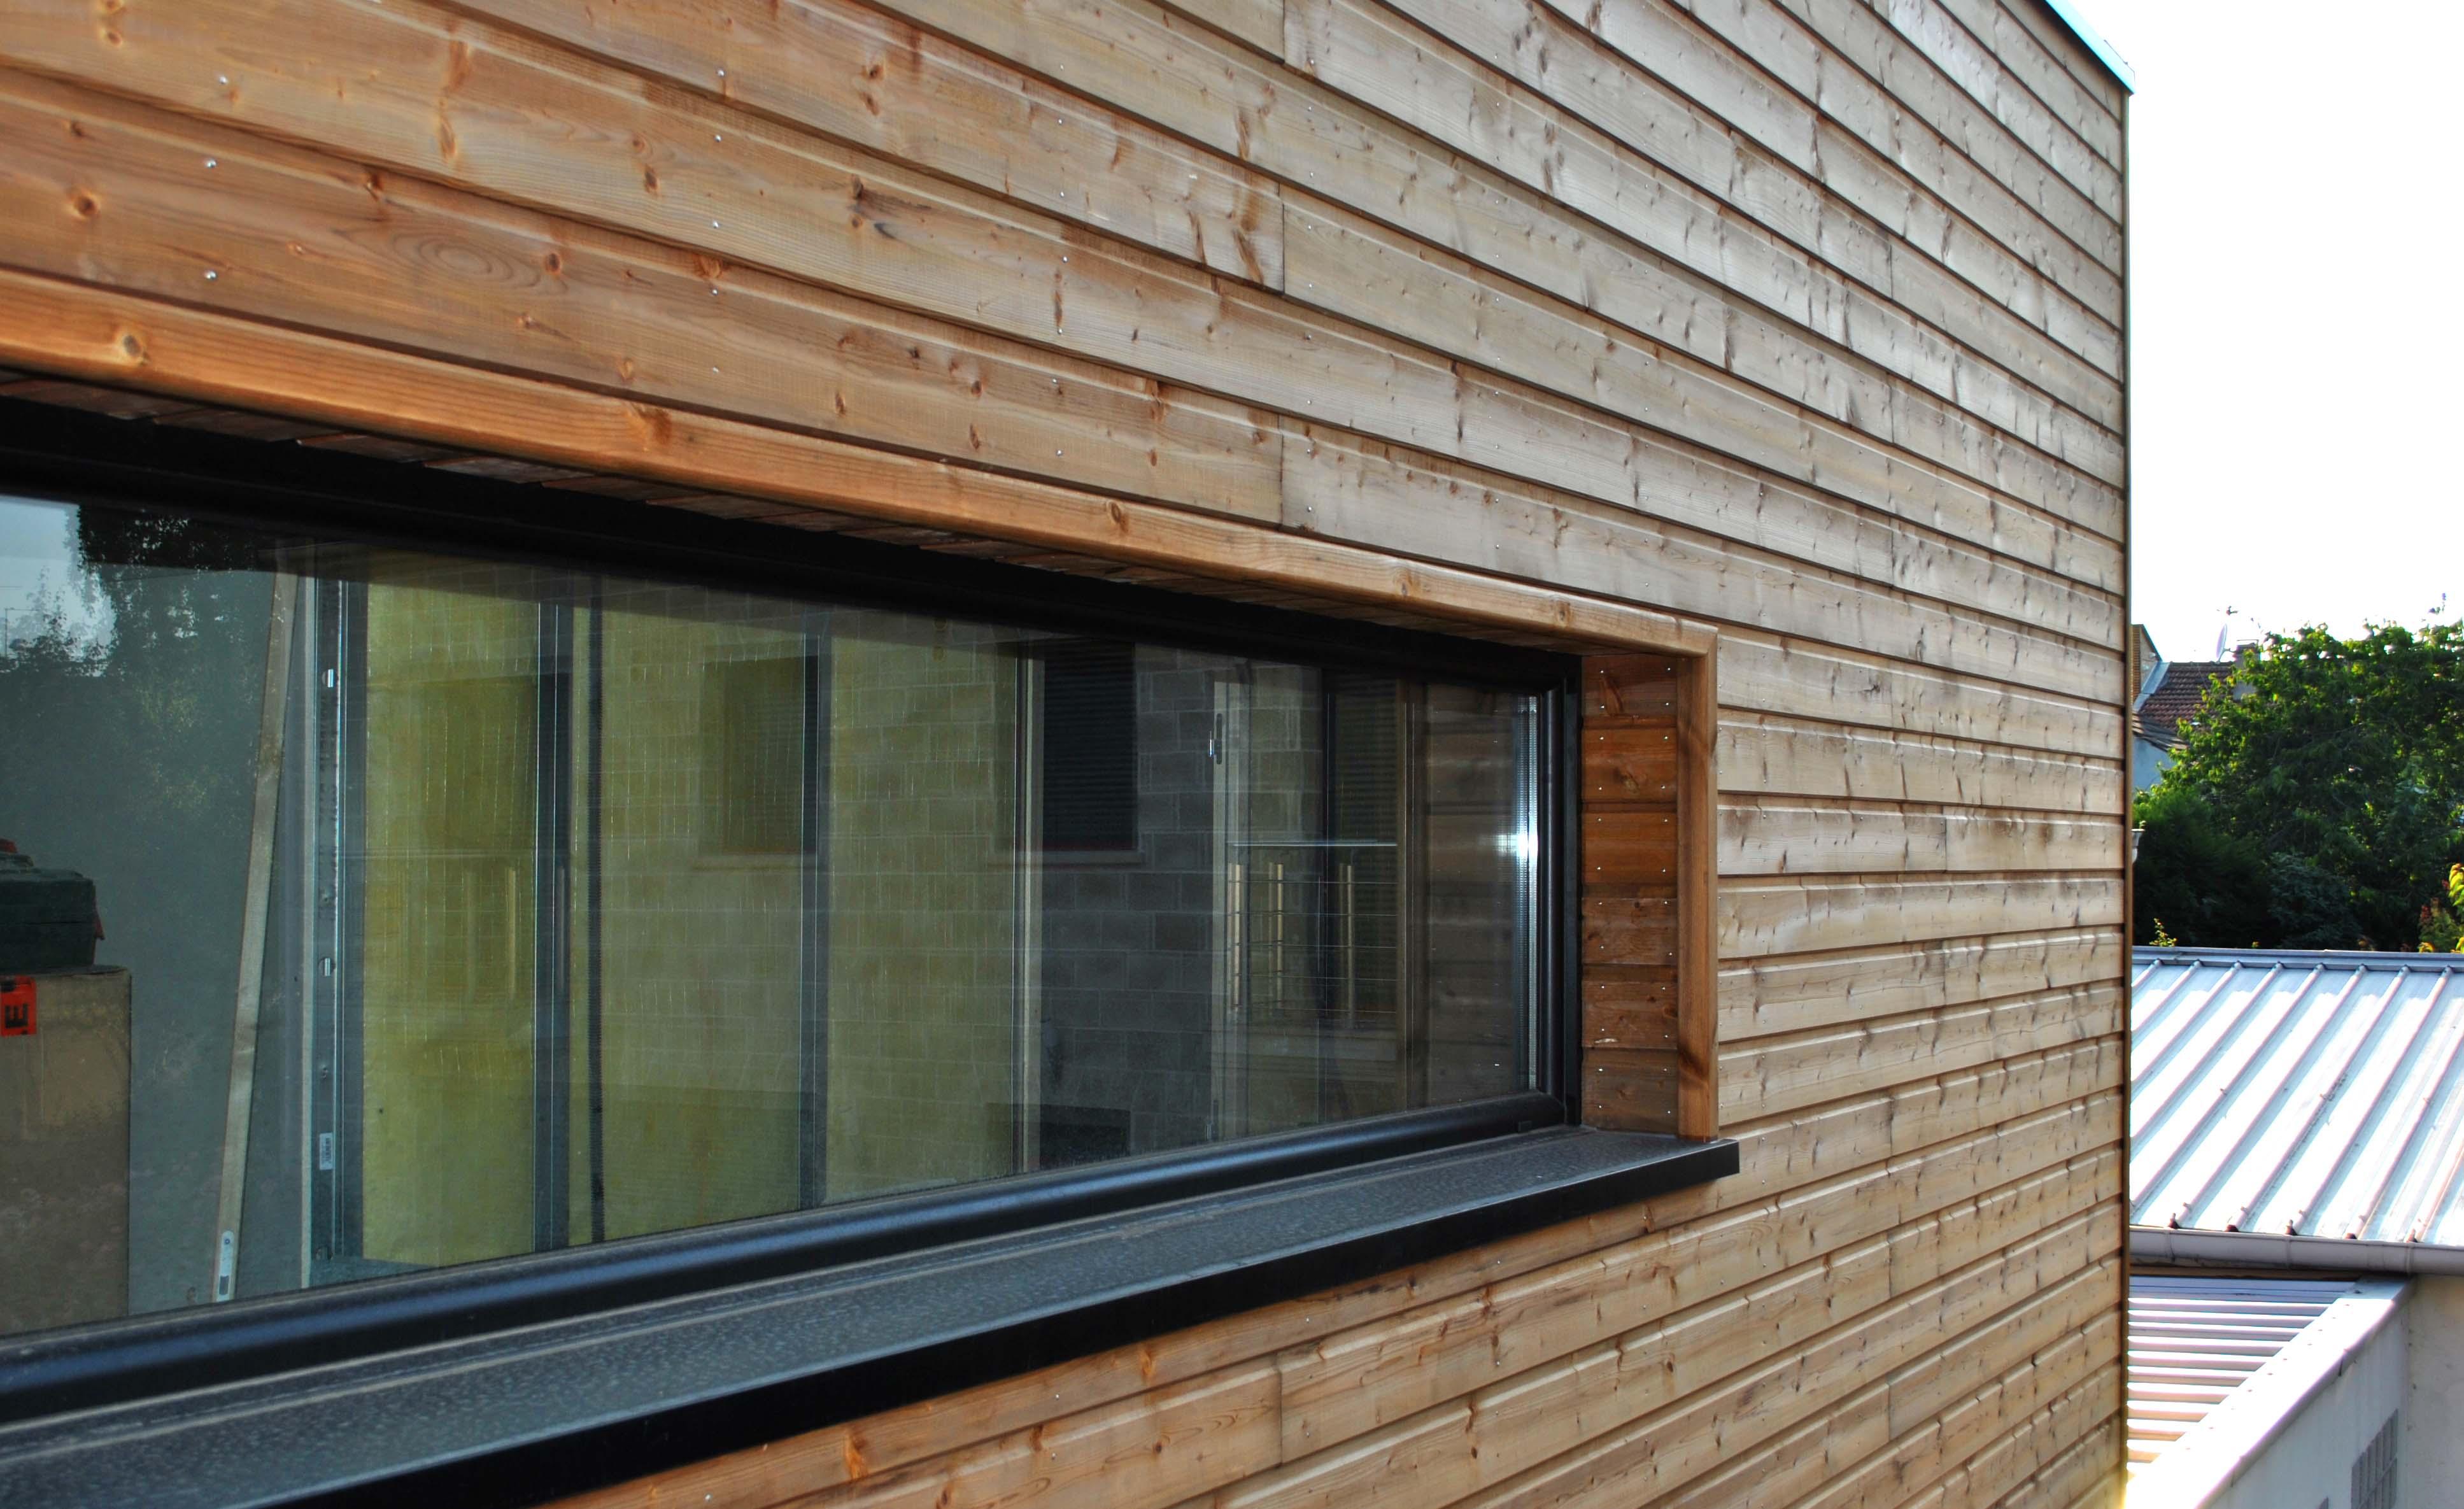 Tekart architecture architectes associ s concepteur de for Maison ossature bois marne